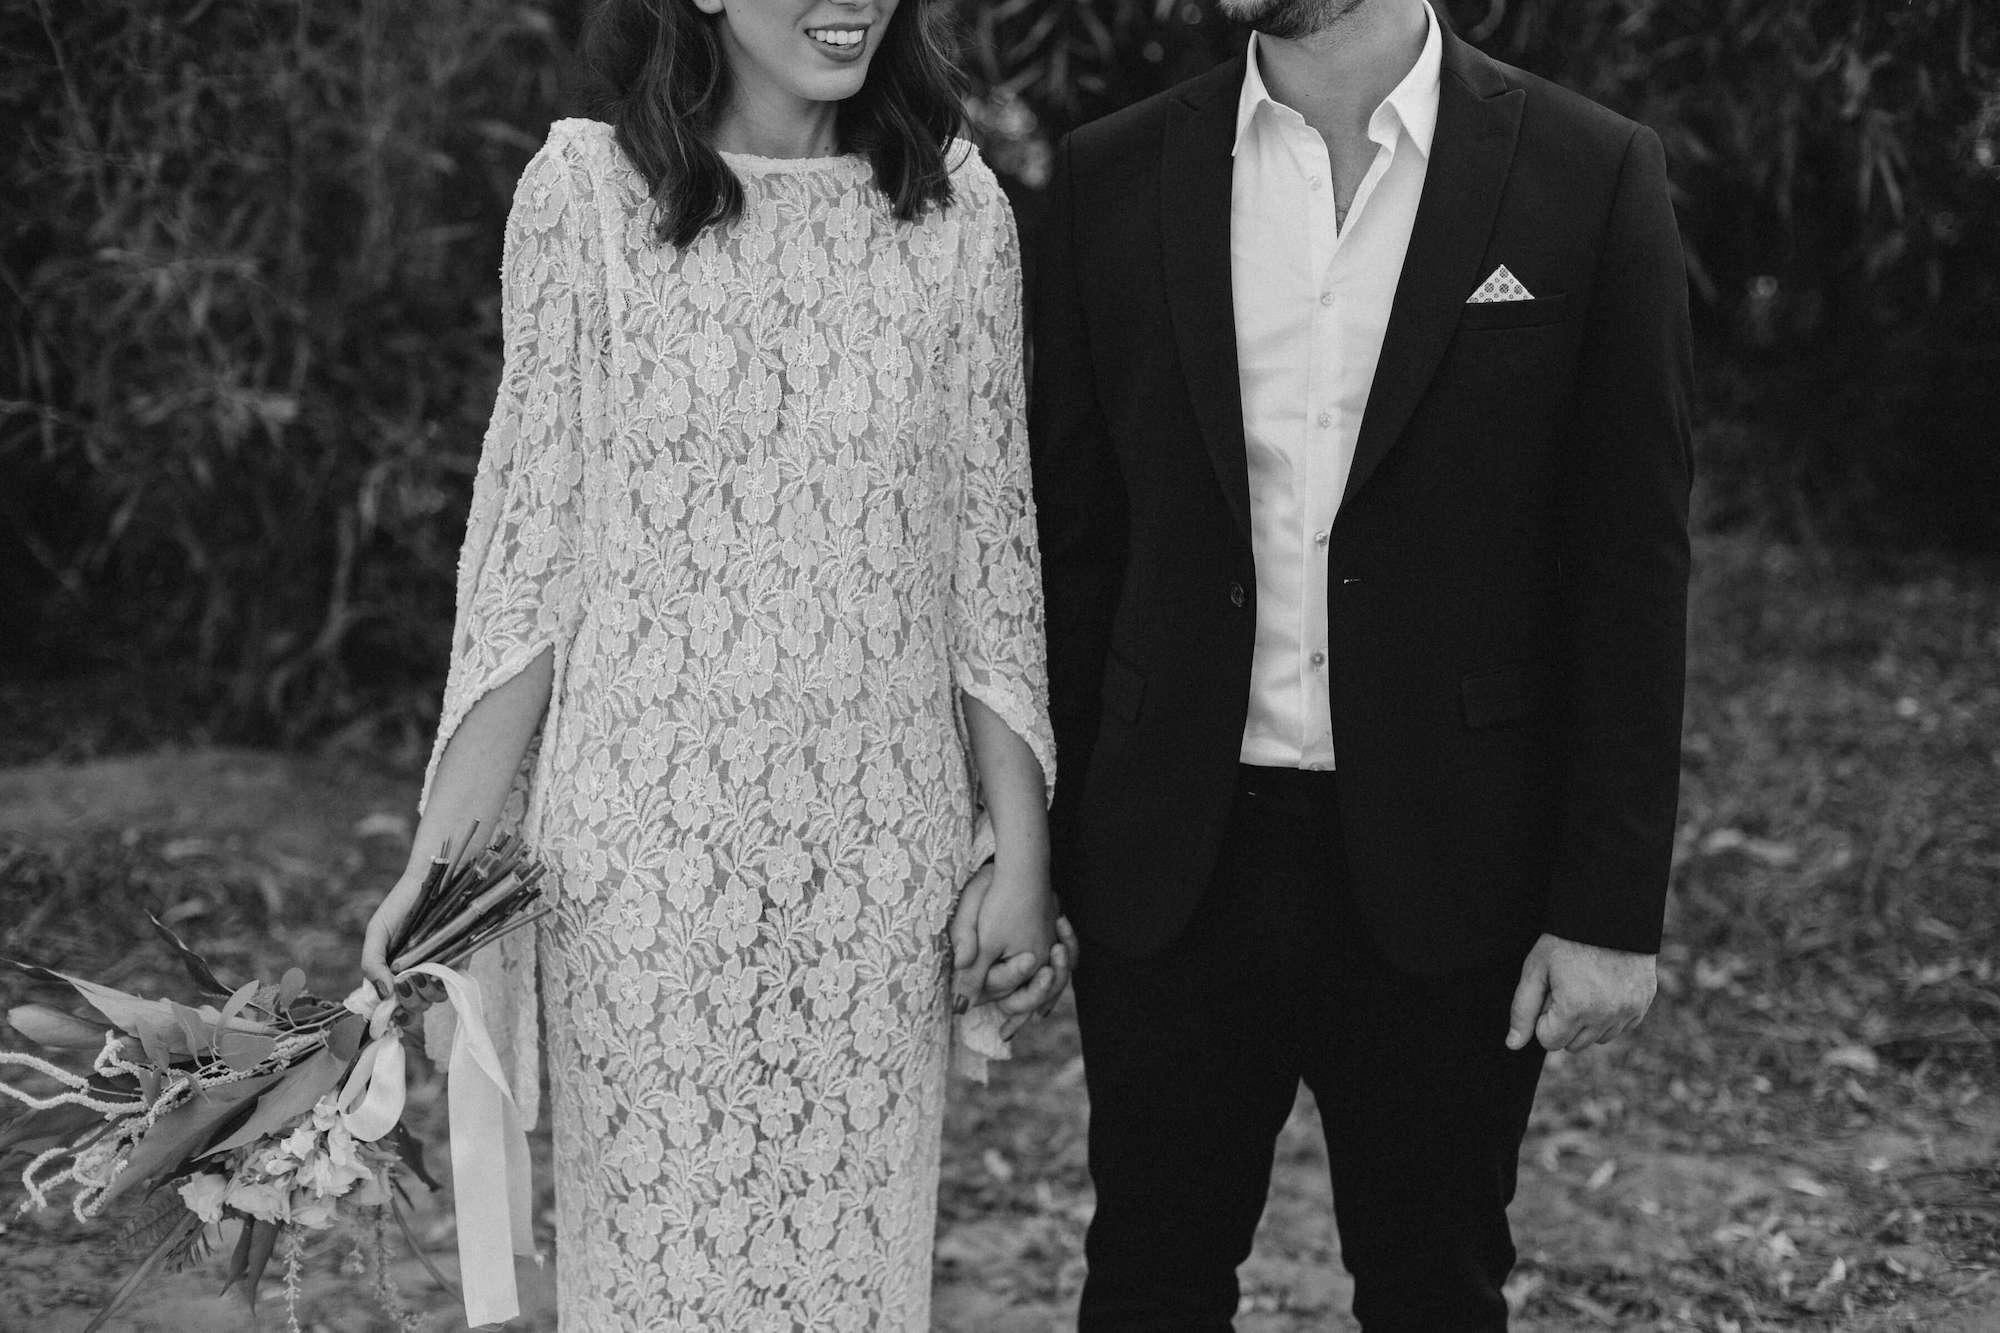 רגע לפני שחזרה ללמד: חתונת הקפסולות של רותם ורון